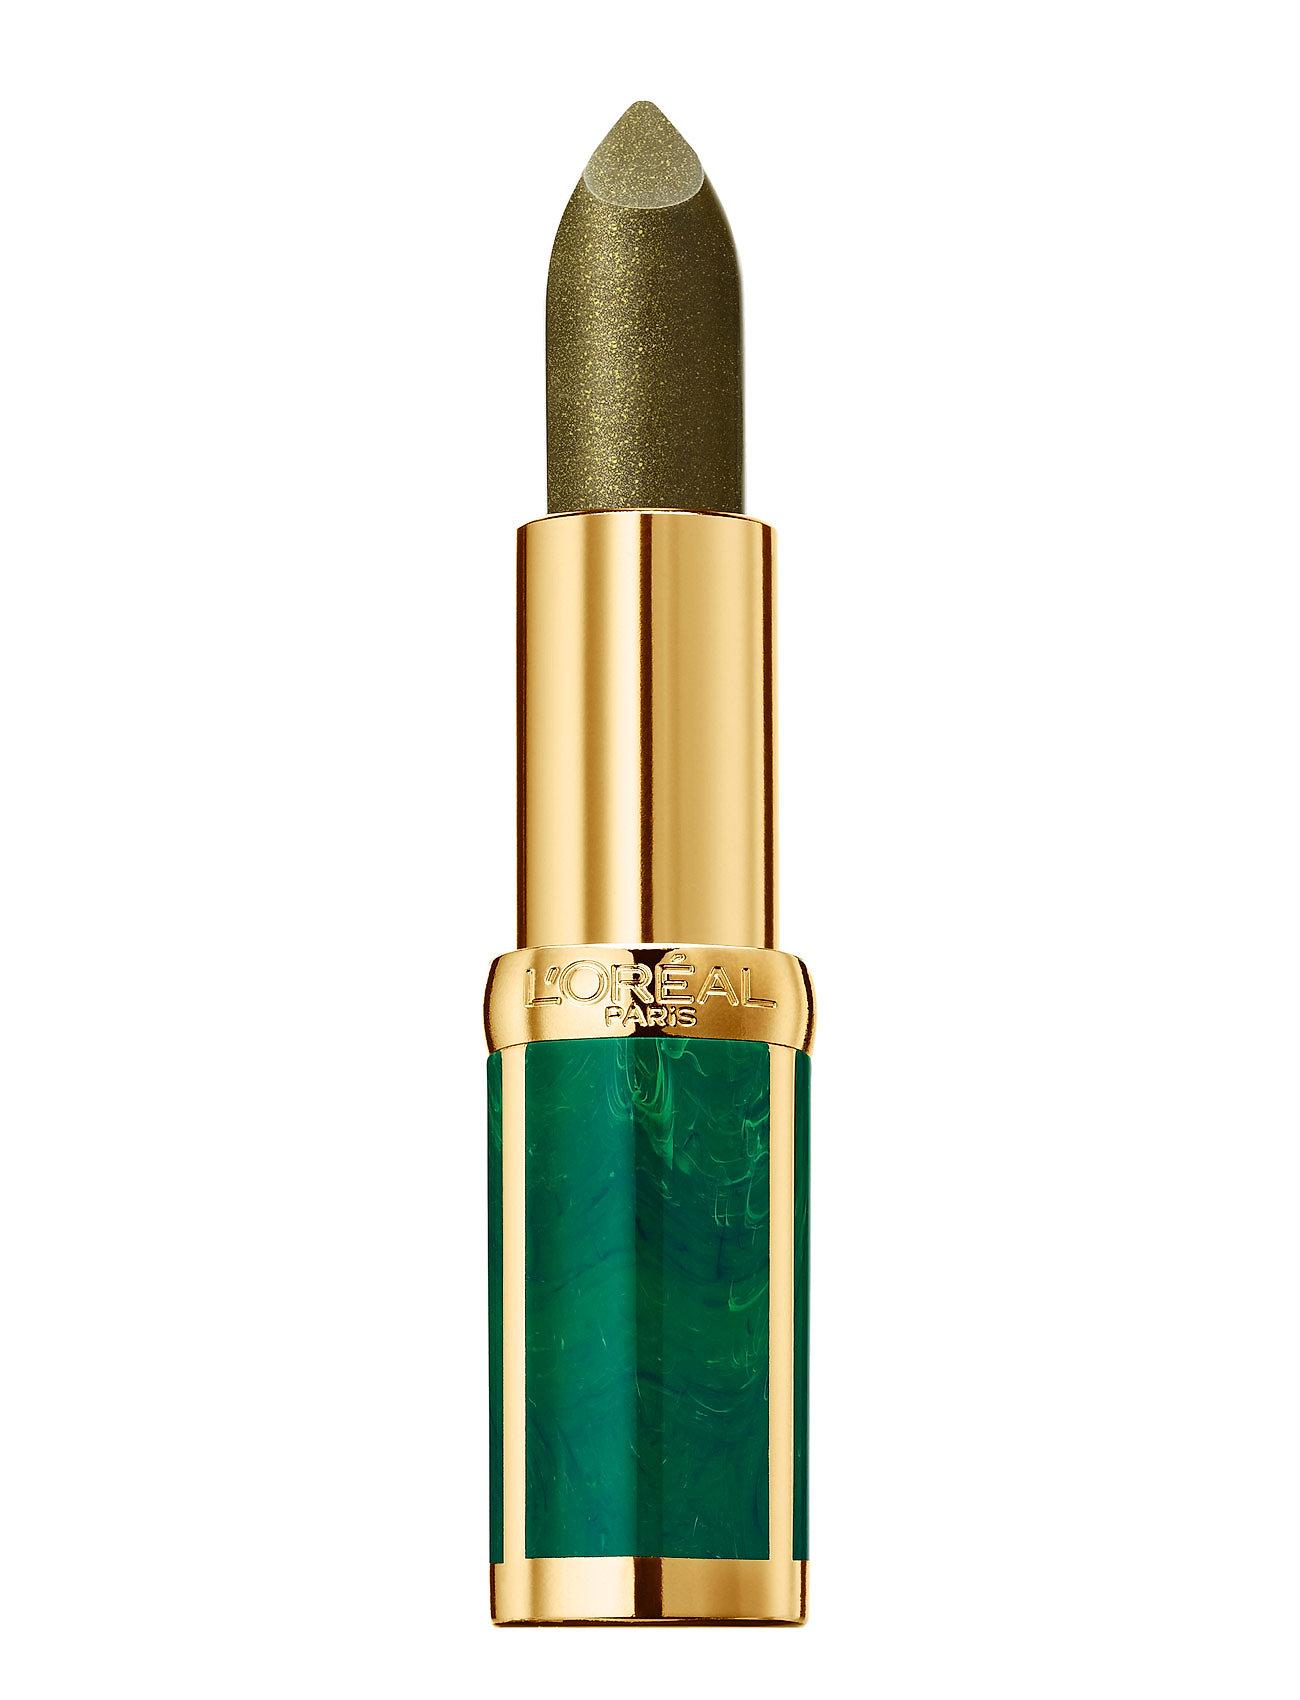 L'Oréal Paris COLOR RICHE X BALMAIN GLAMAZONE